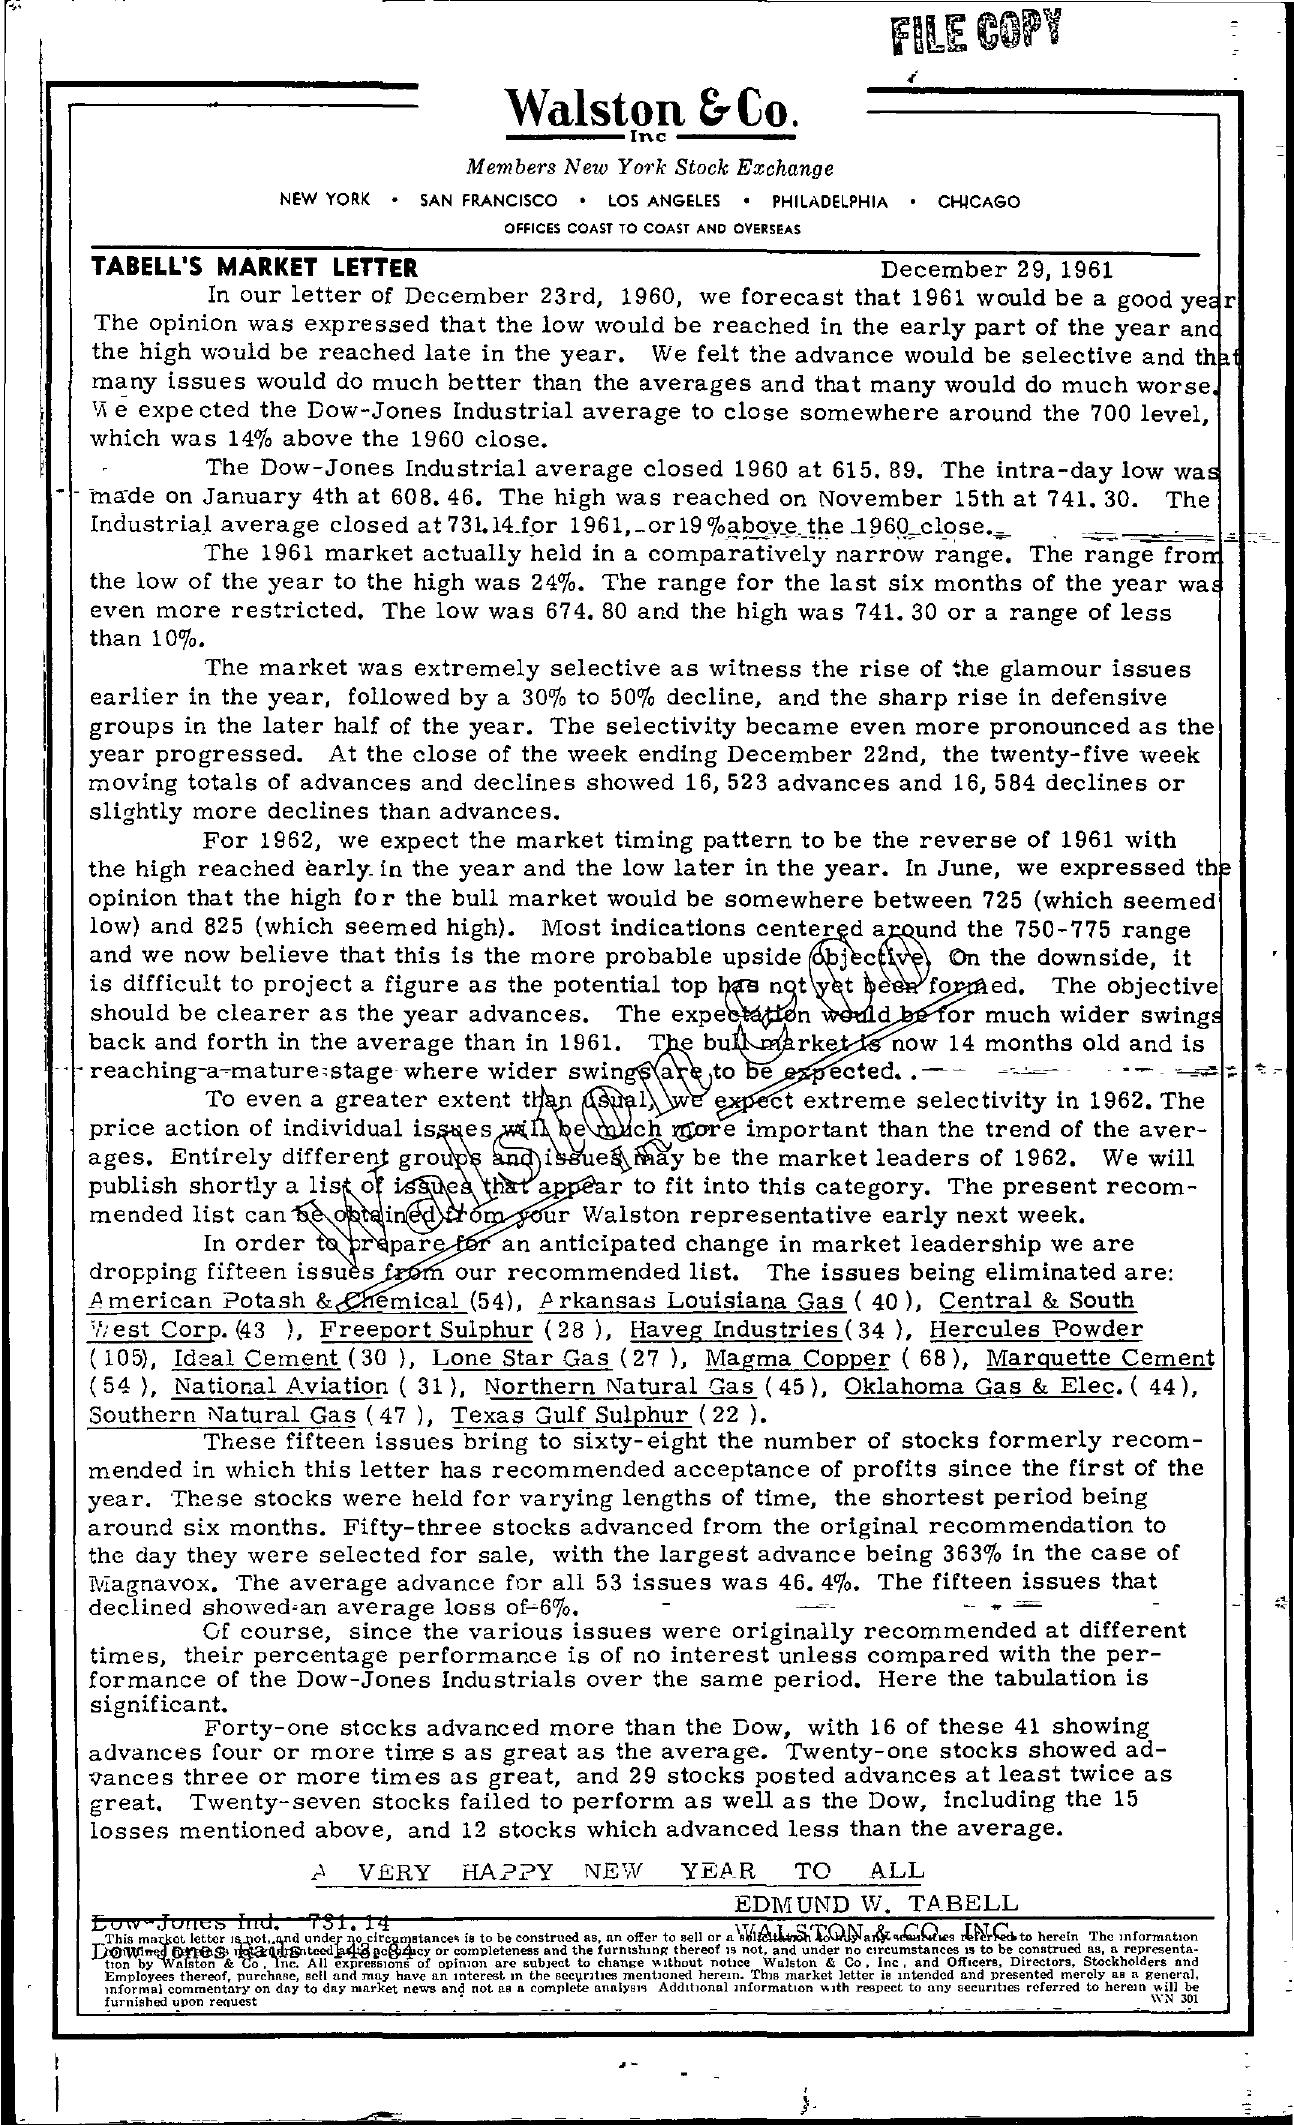 Tabell's Market Letter - December 29, 1961